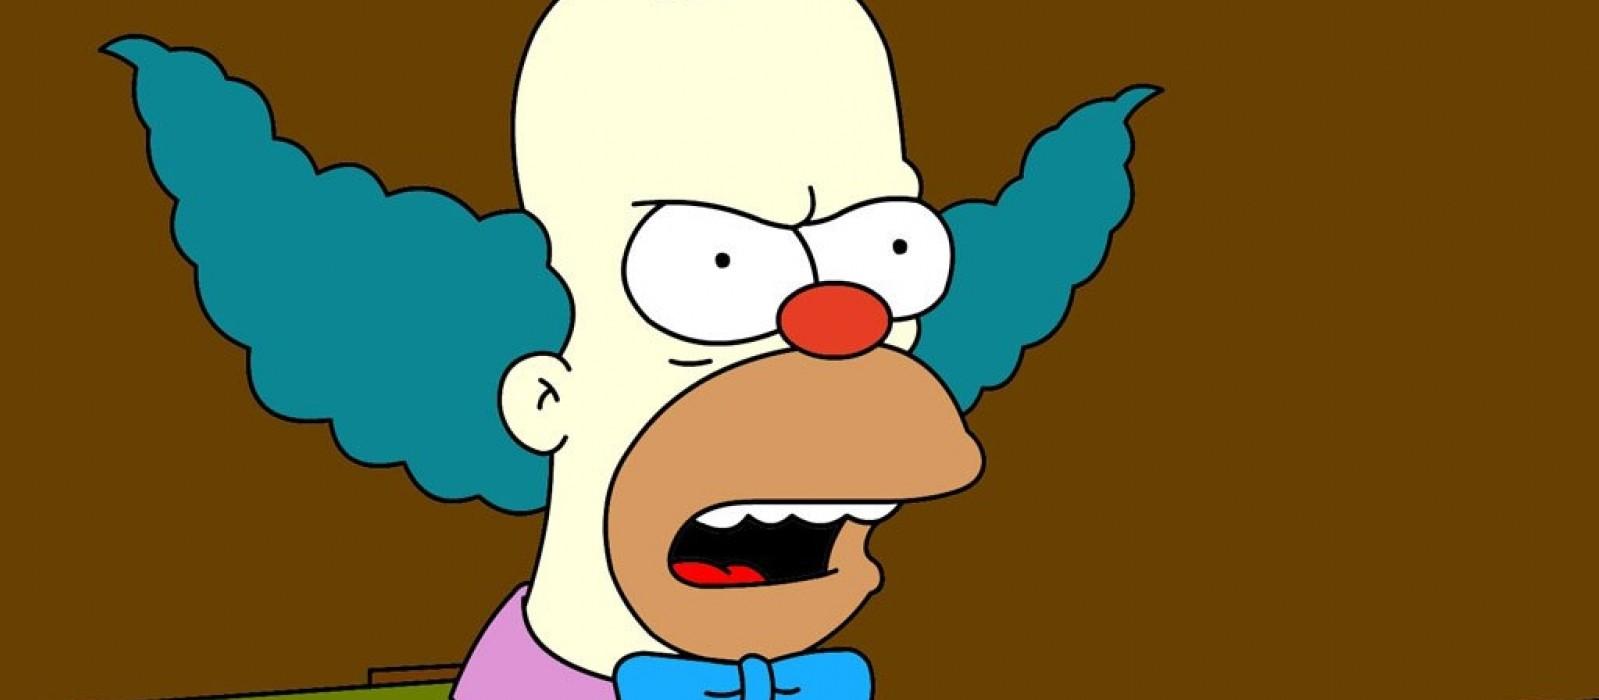 Les simpson bient t la mort de krusty spoilers brain damaged - Simpson le clown ...